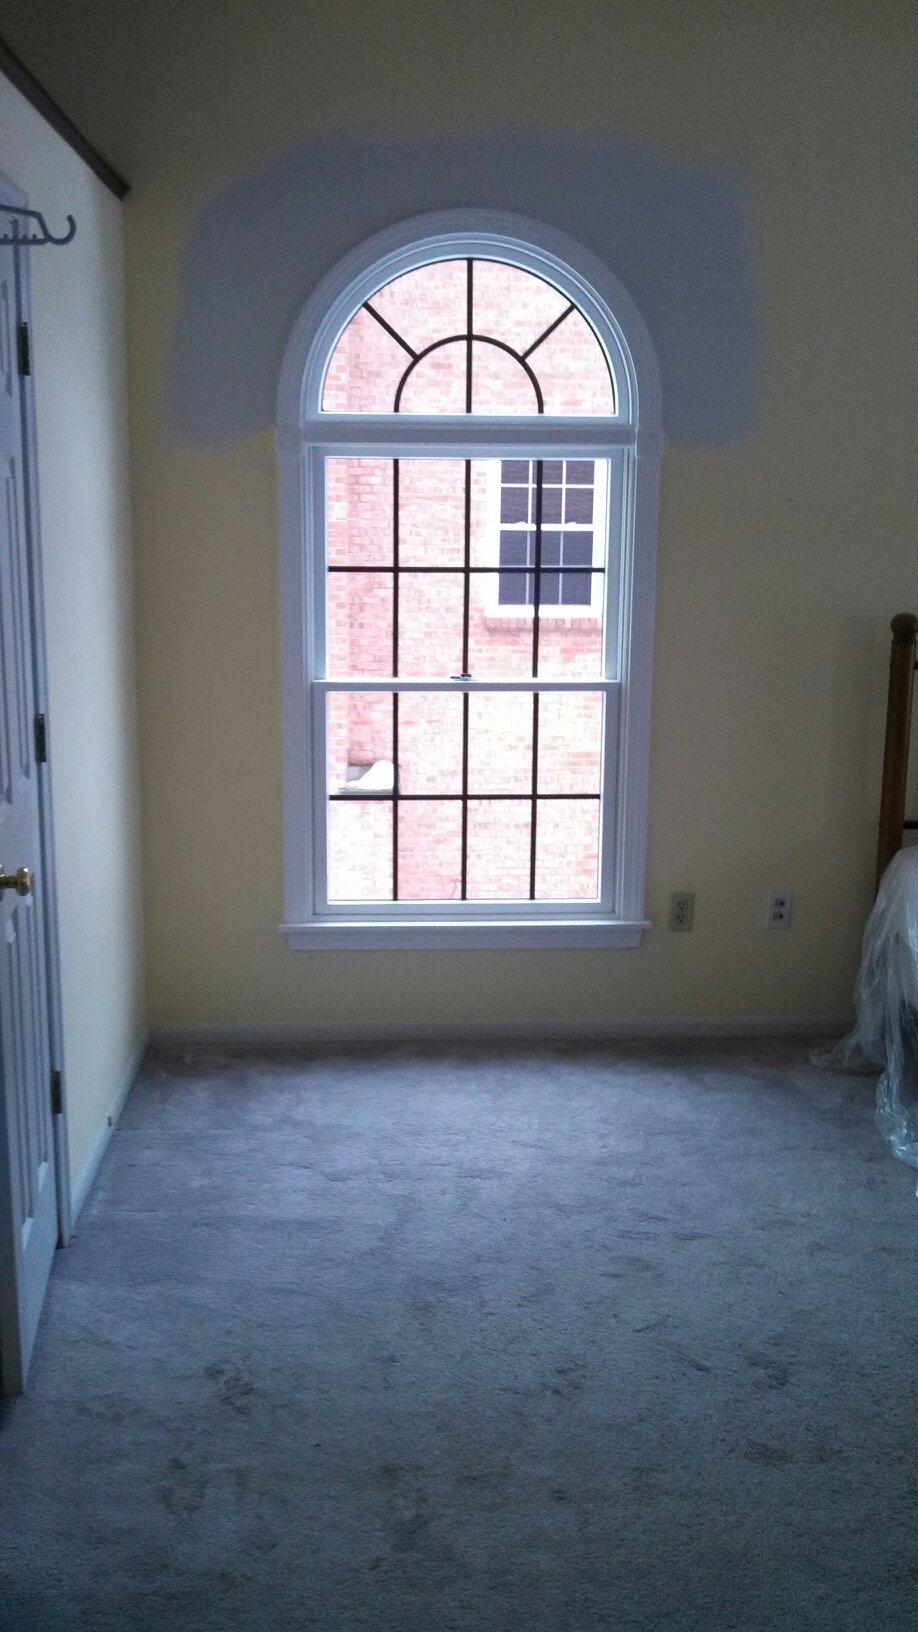 Jfk window and door 39 s window wednesday for an andersen for Half round transom